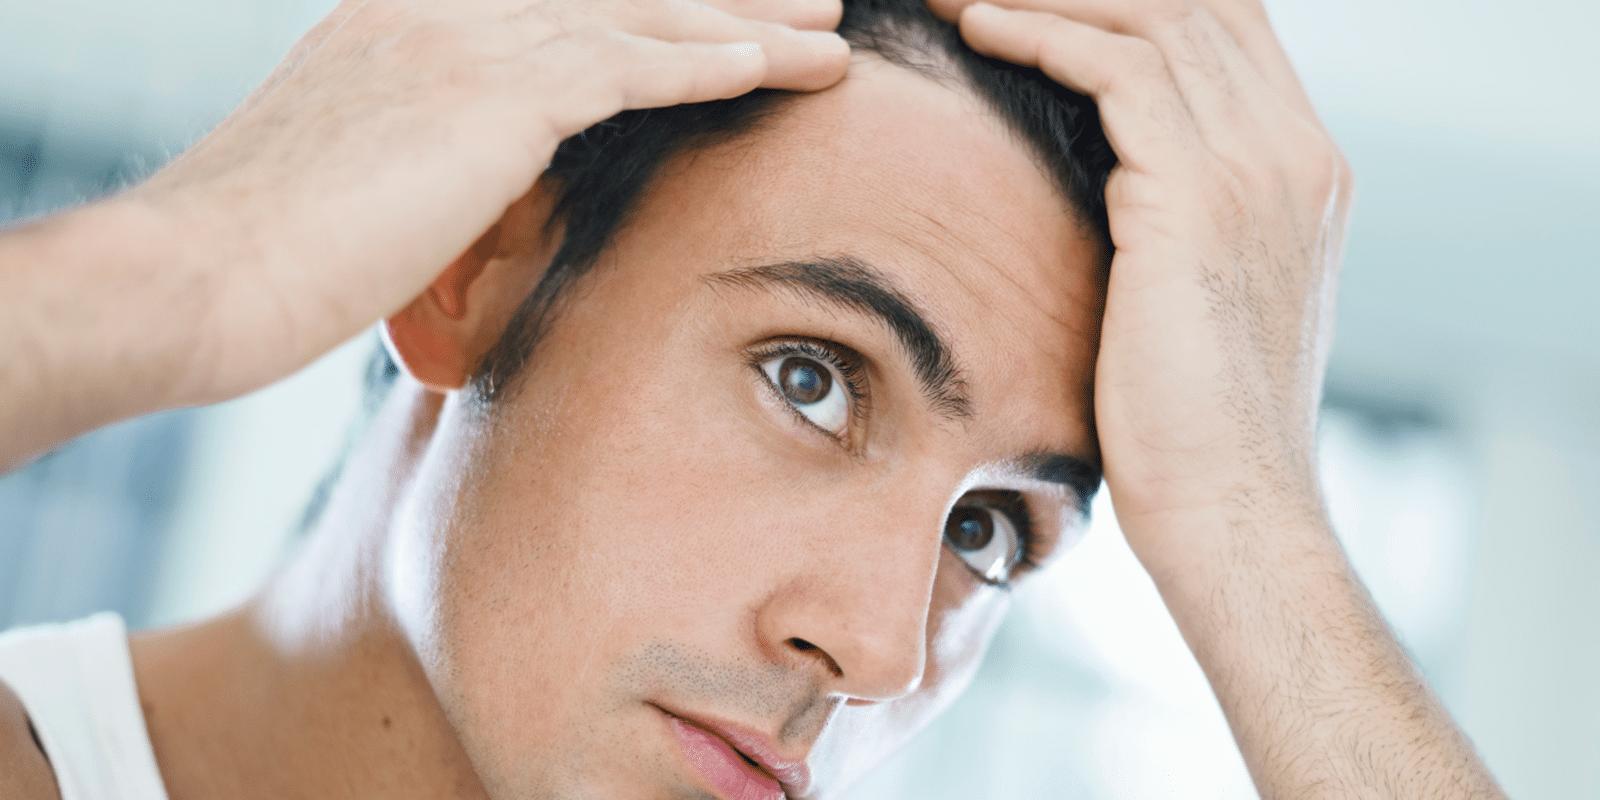 Homem pensando em como fazer implante de cabelo